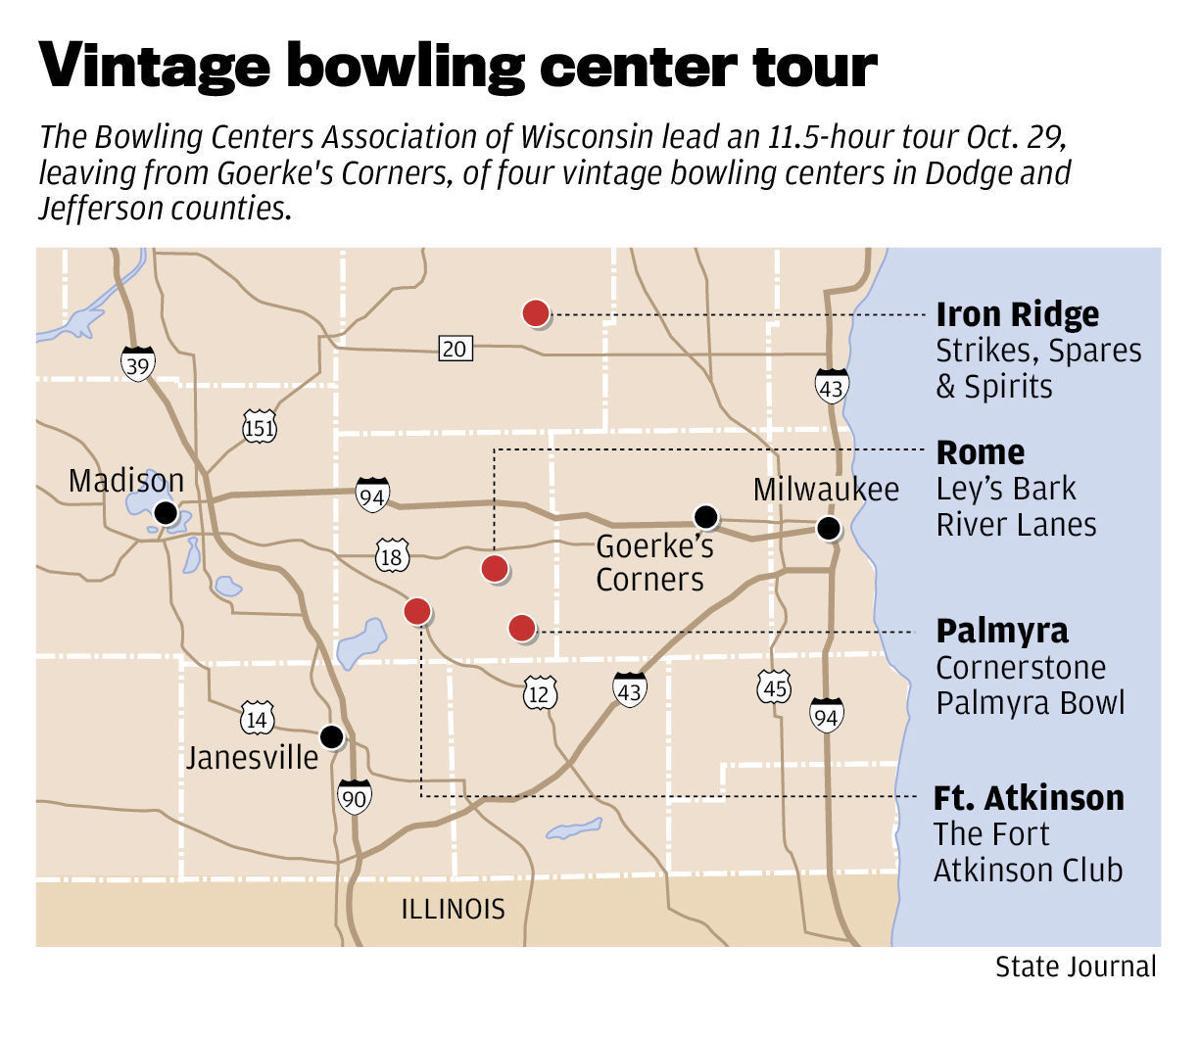 Vintage bowling center tour